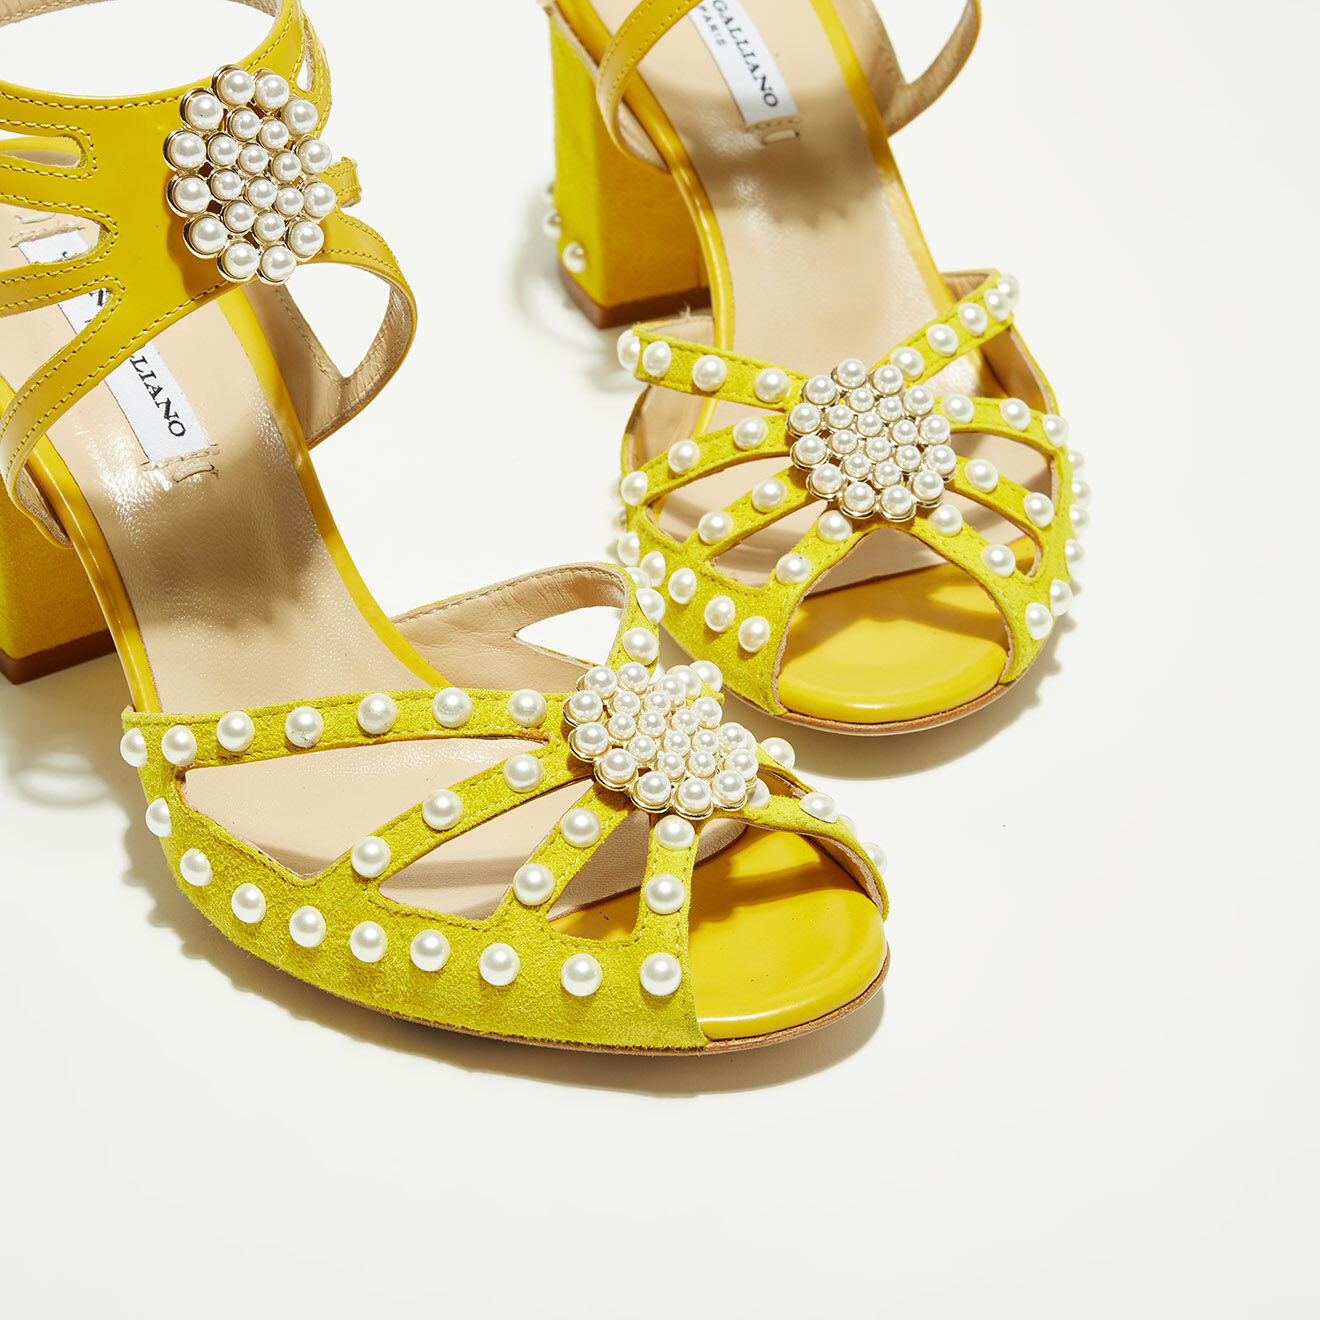 Sandales en Velours de Cuir Justine jaunes - Talon 8 cm